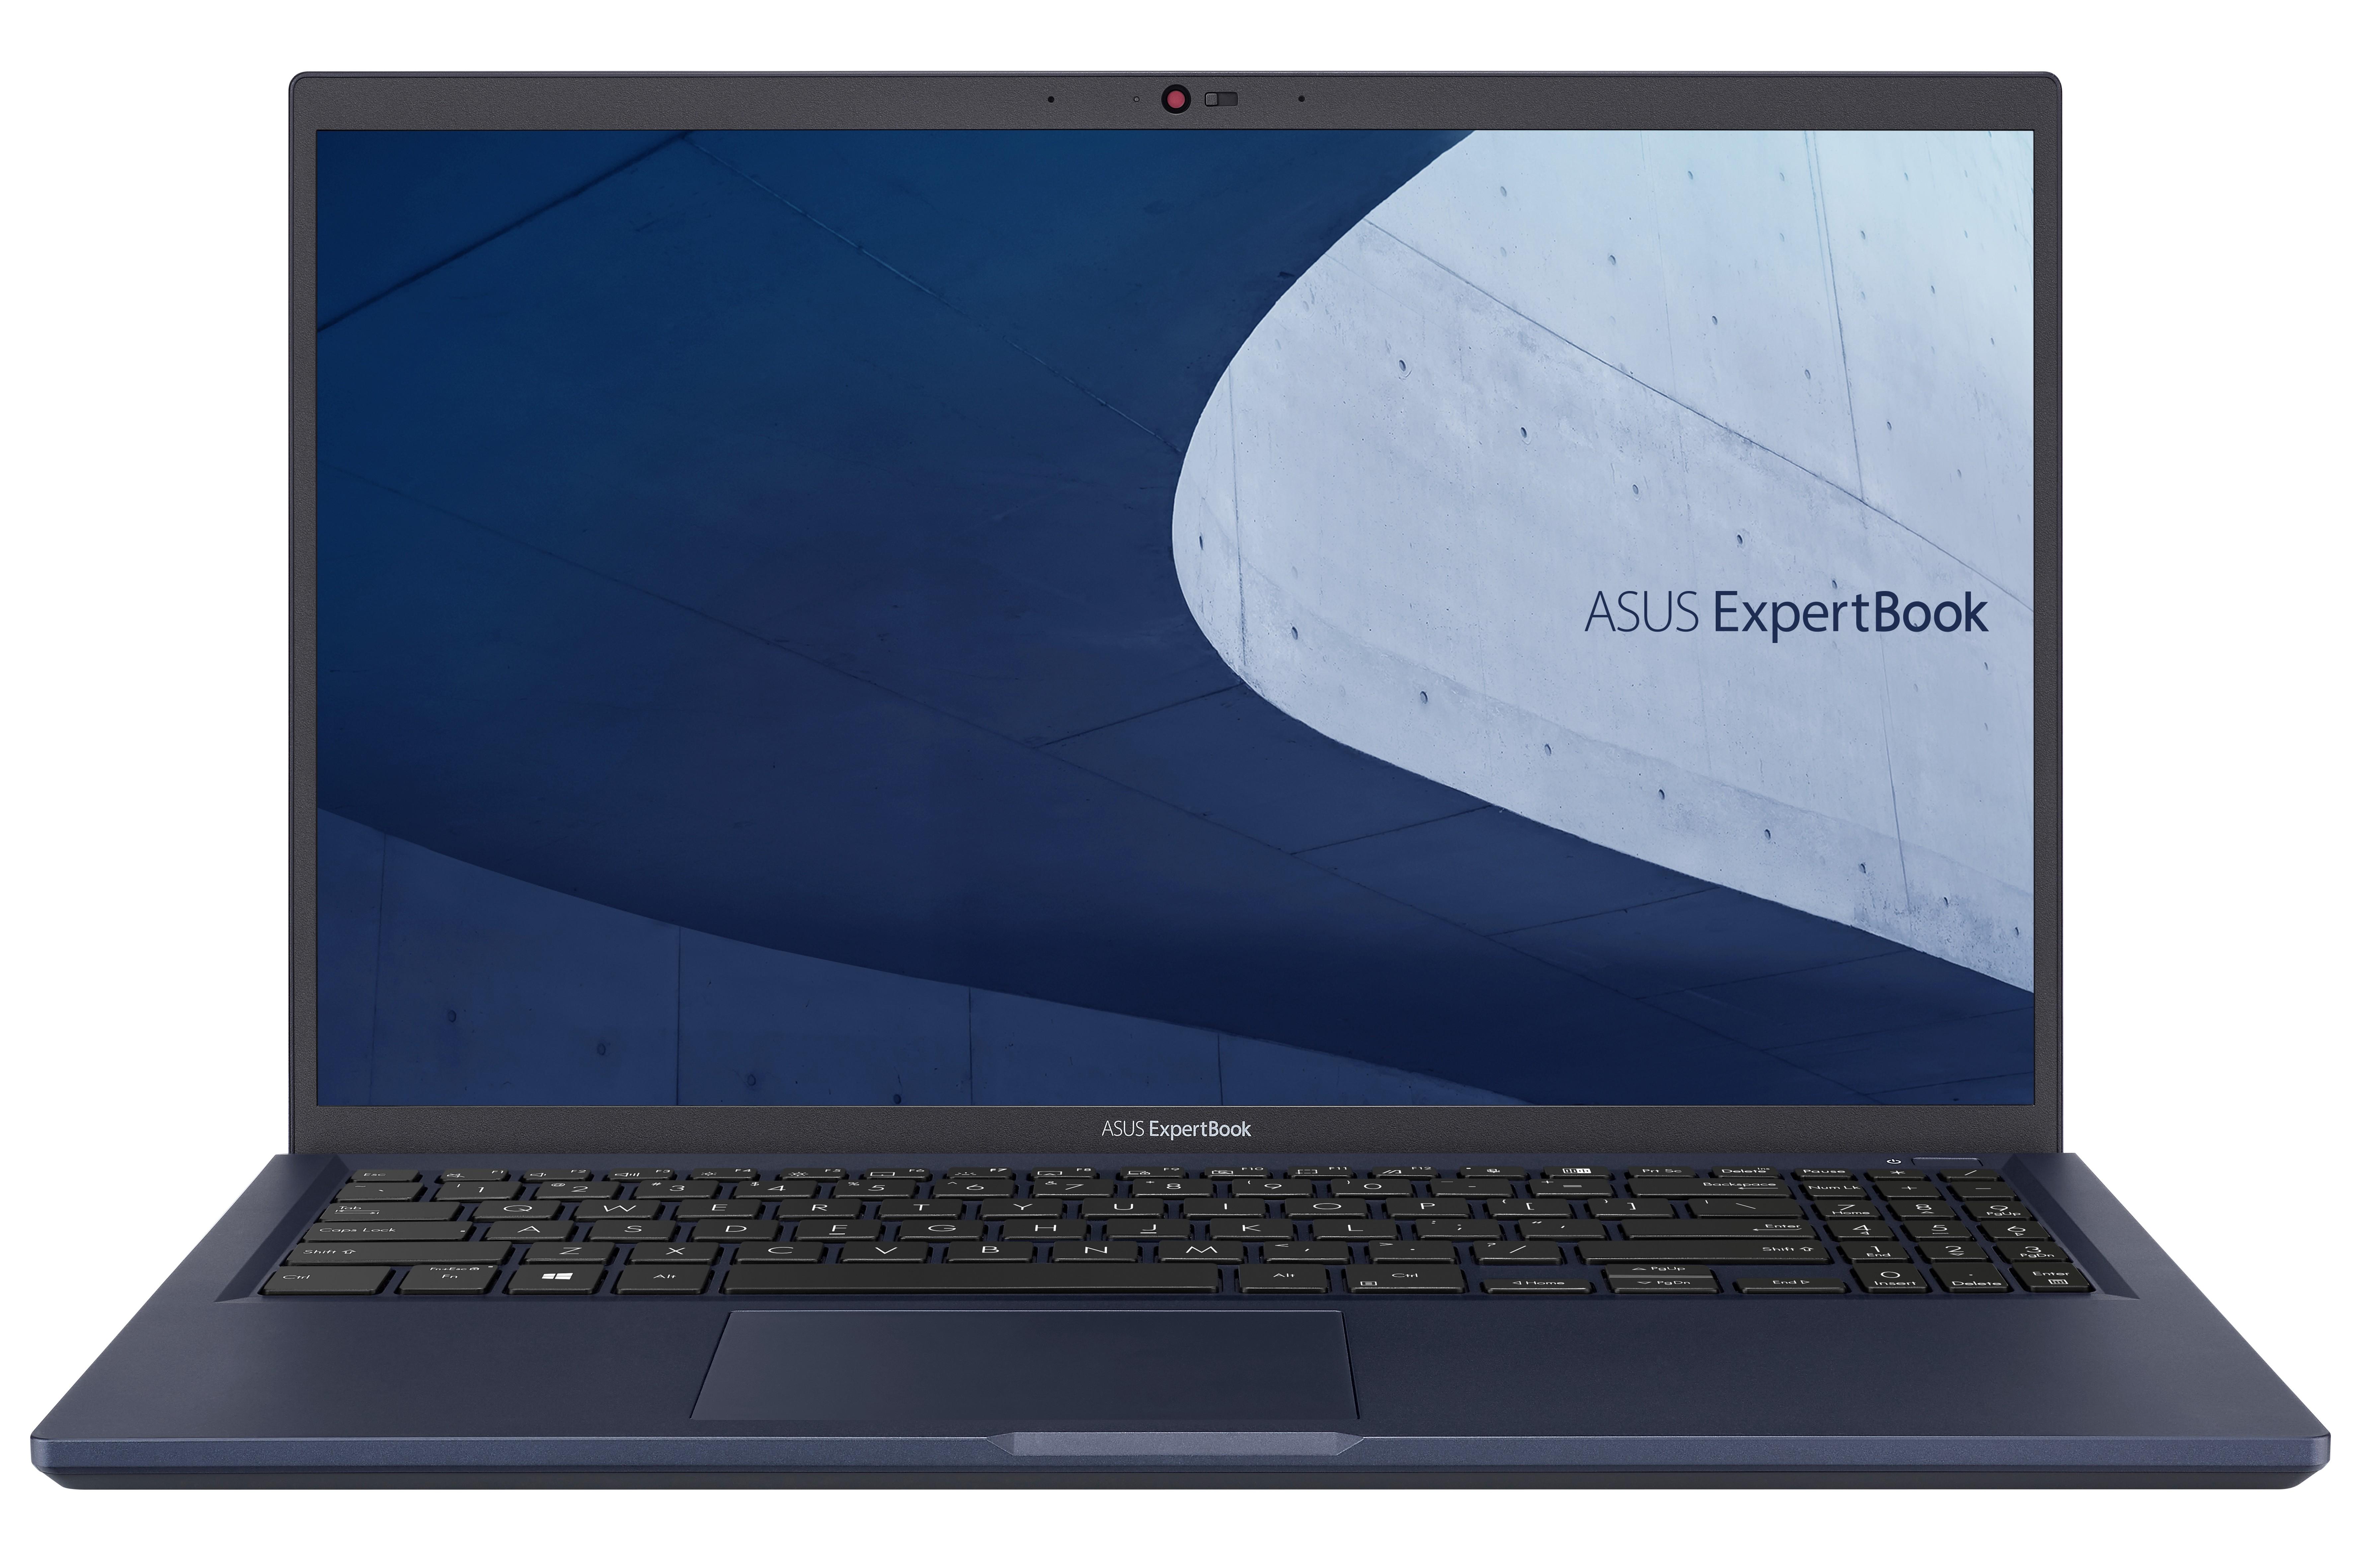 """ASUS ExpertBook B1 B1500CEAE-EJ0345R DDR4-SDRAM Notebook 39,6 cm (15.6"""") 1920 x 1080 Pixels Intel® 11de generatie Core™ i3 8 GB 256 GB SSD Wi-Fi 6 (802.11ax) Windows 10 Pro Zwart"""